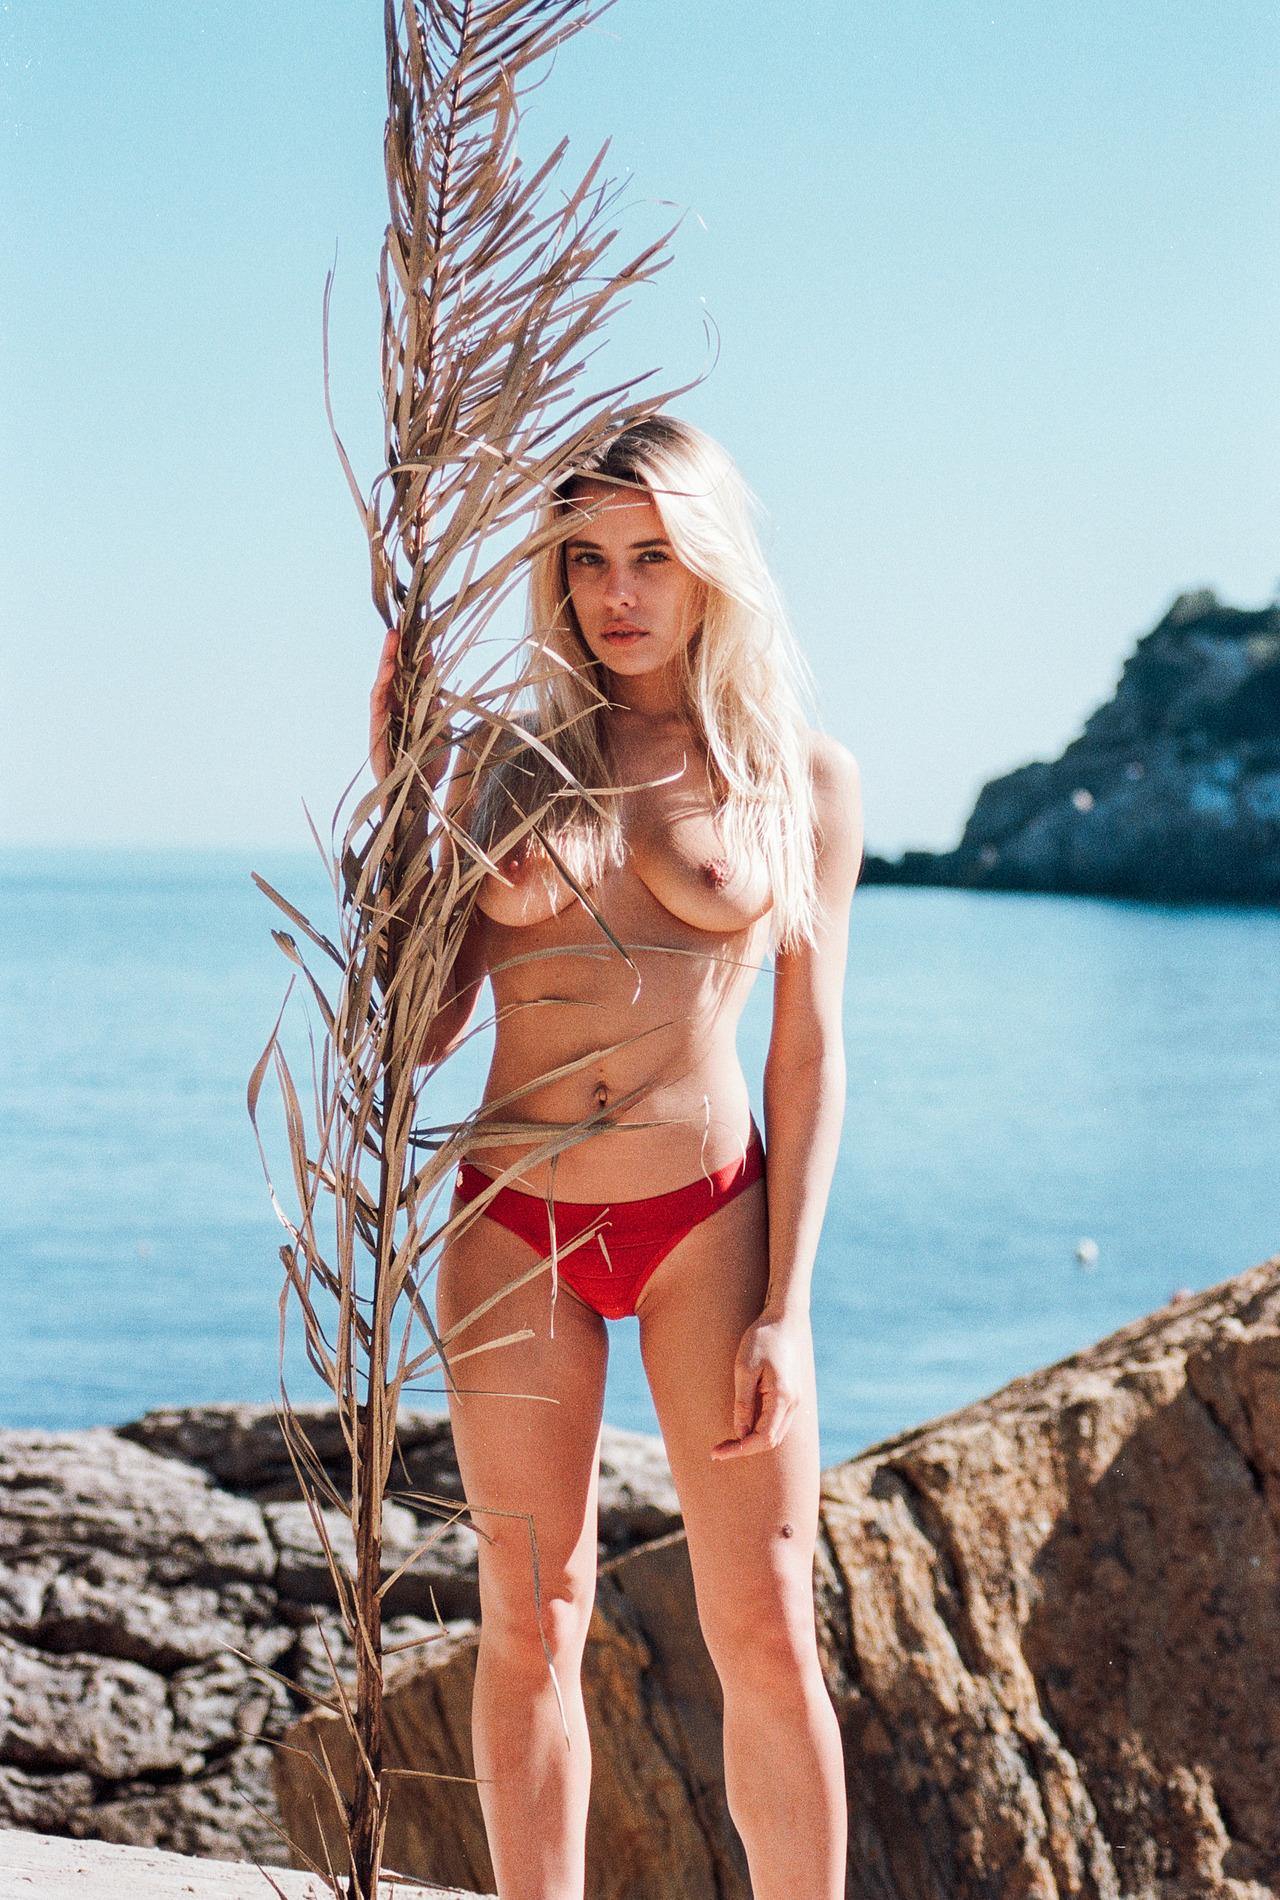 Chloe Nicolas - Guillaume Gaubert photoshoot